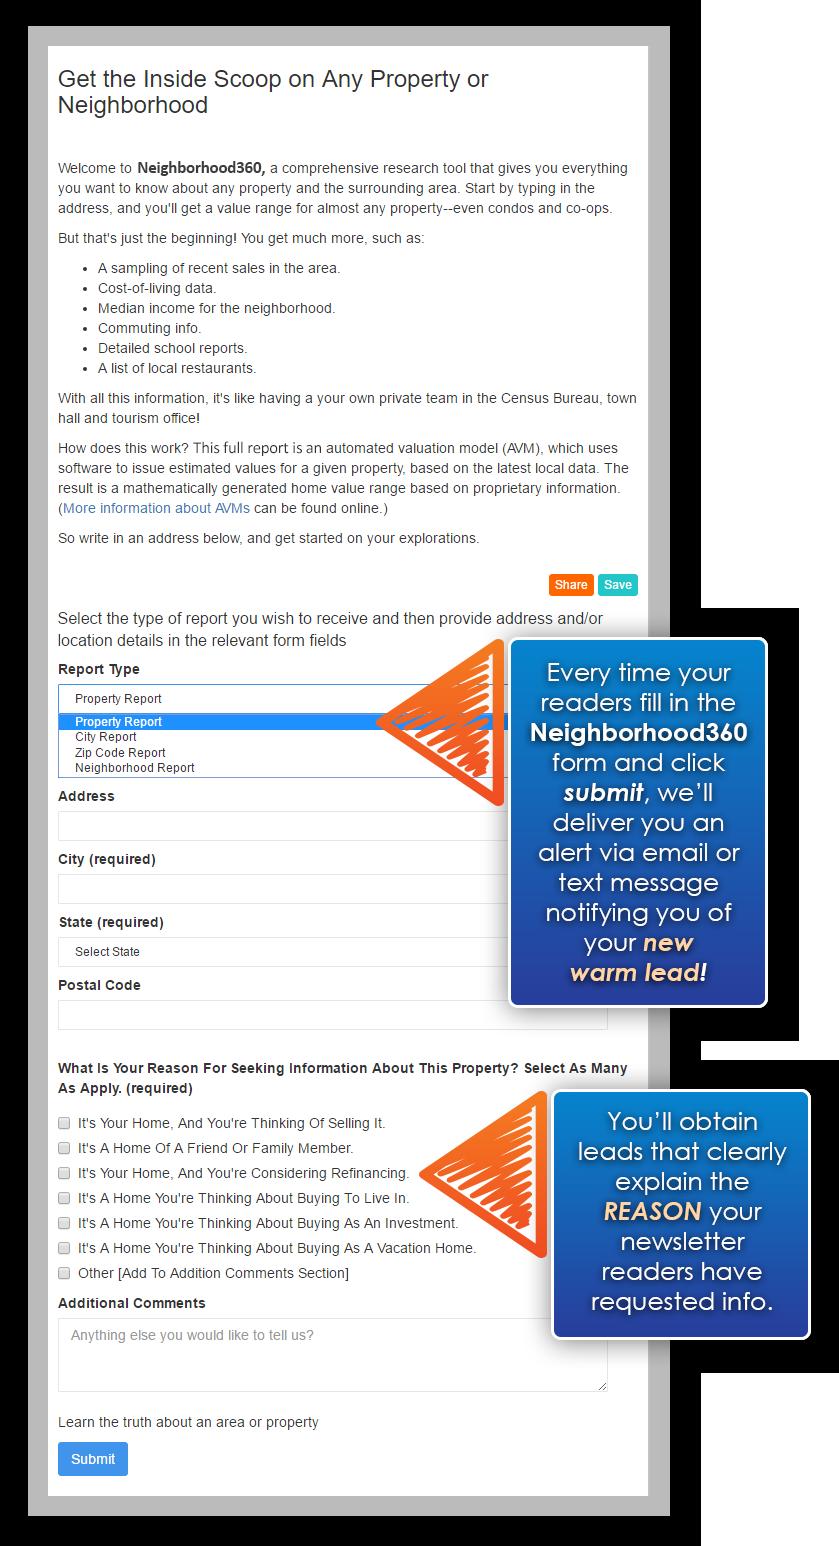 Neighborhood360 Newsletter Landing Page Example